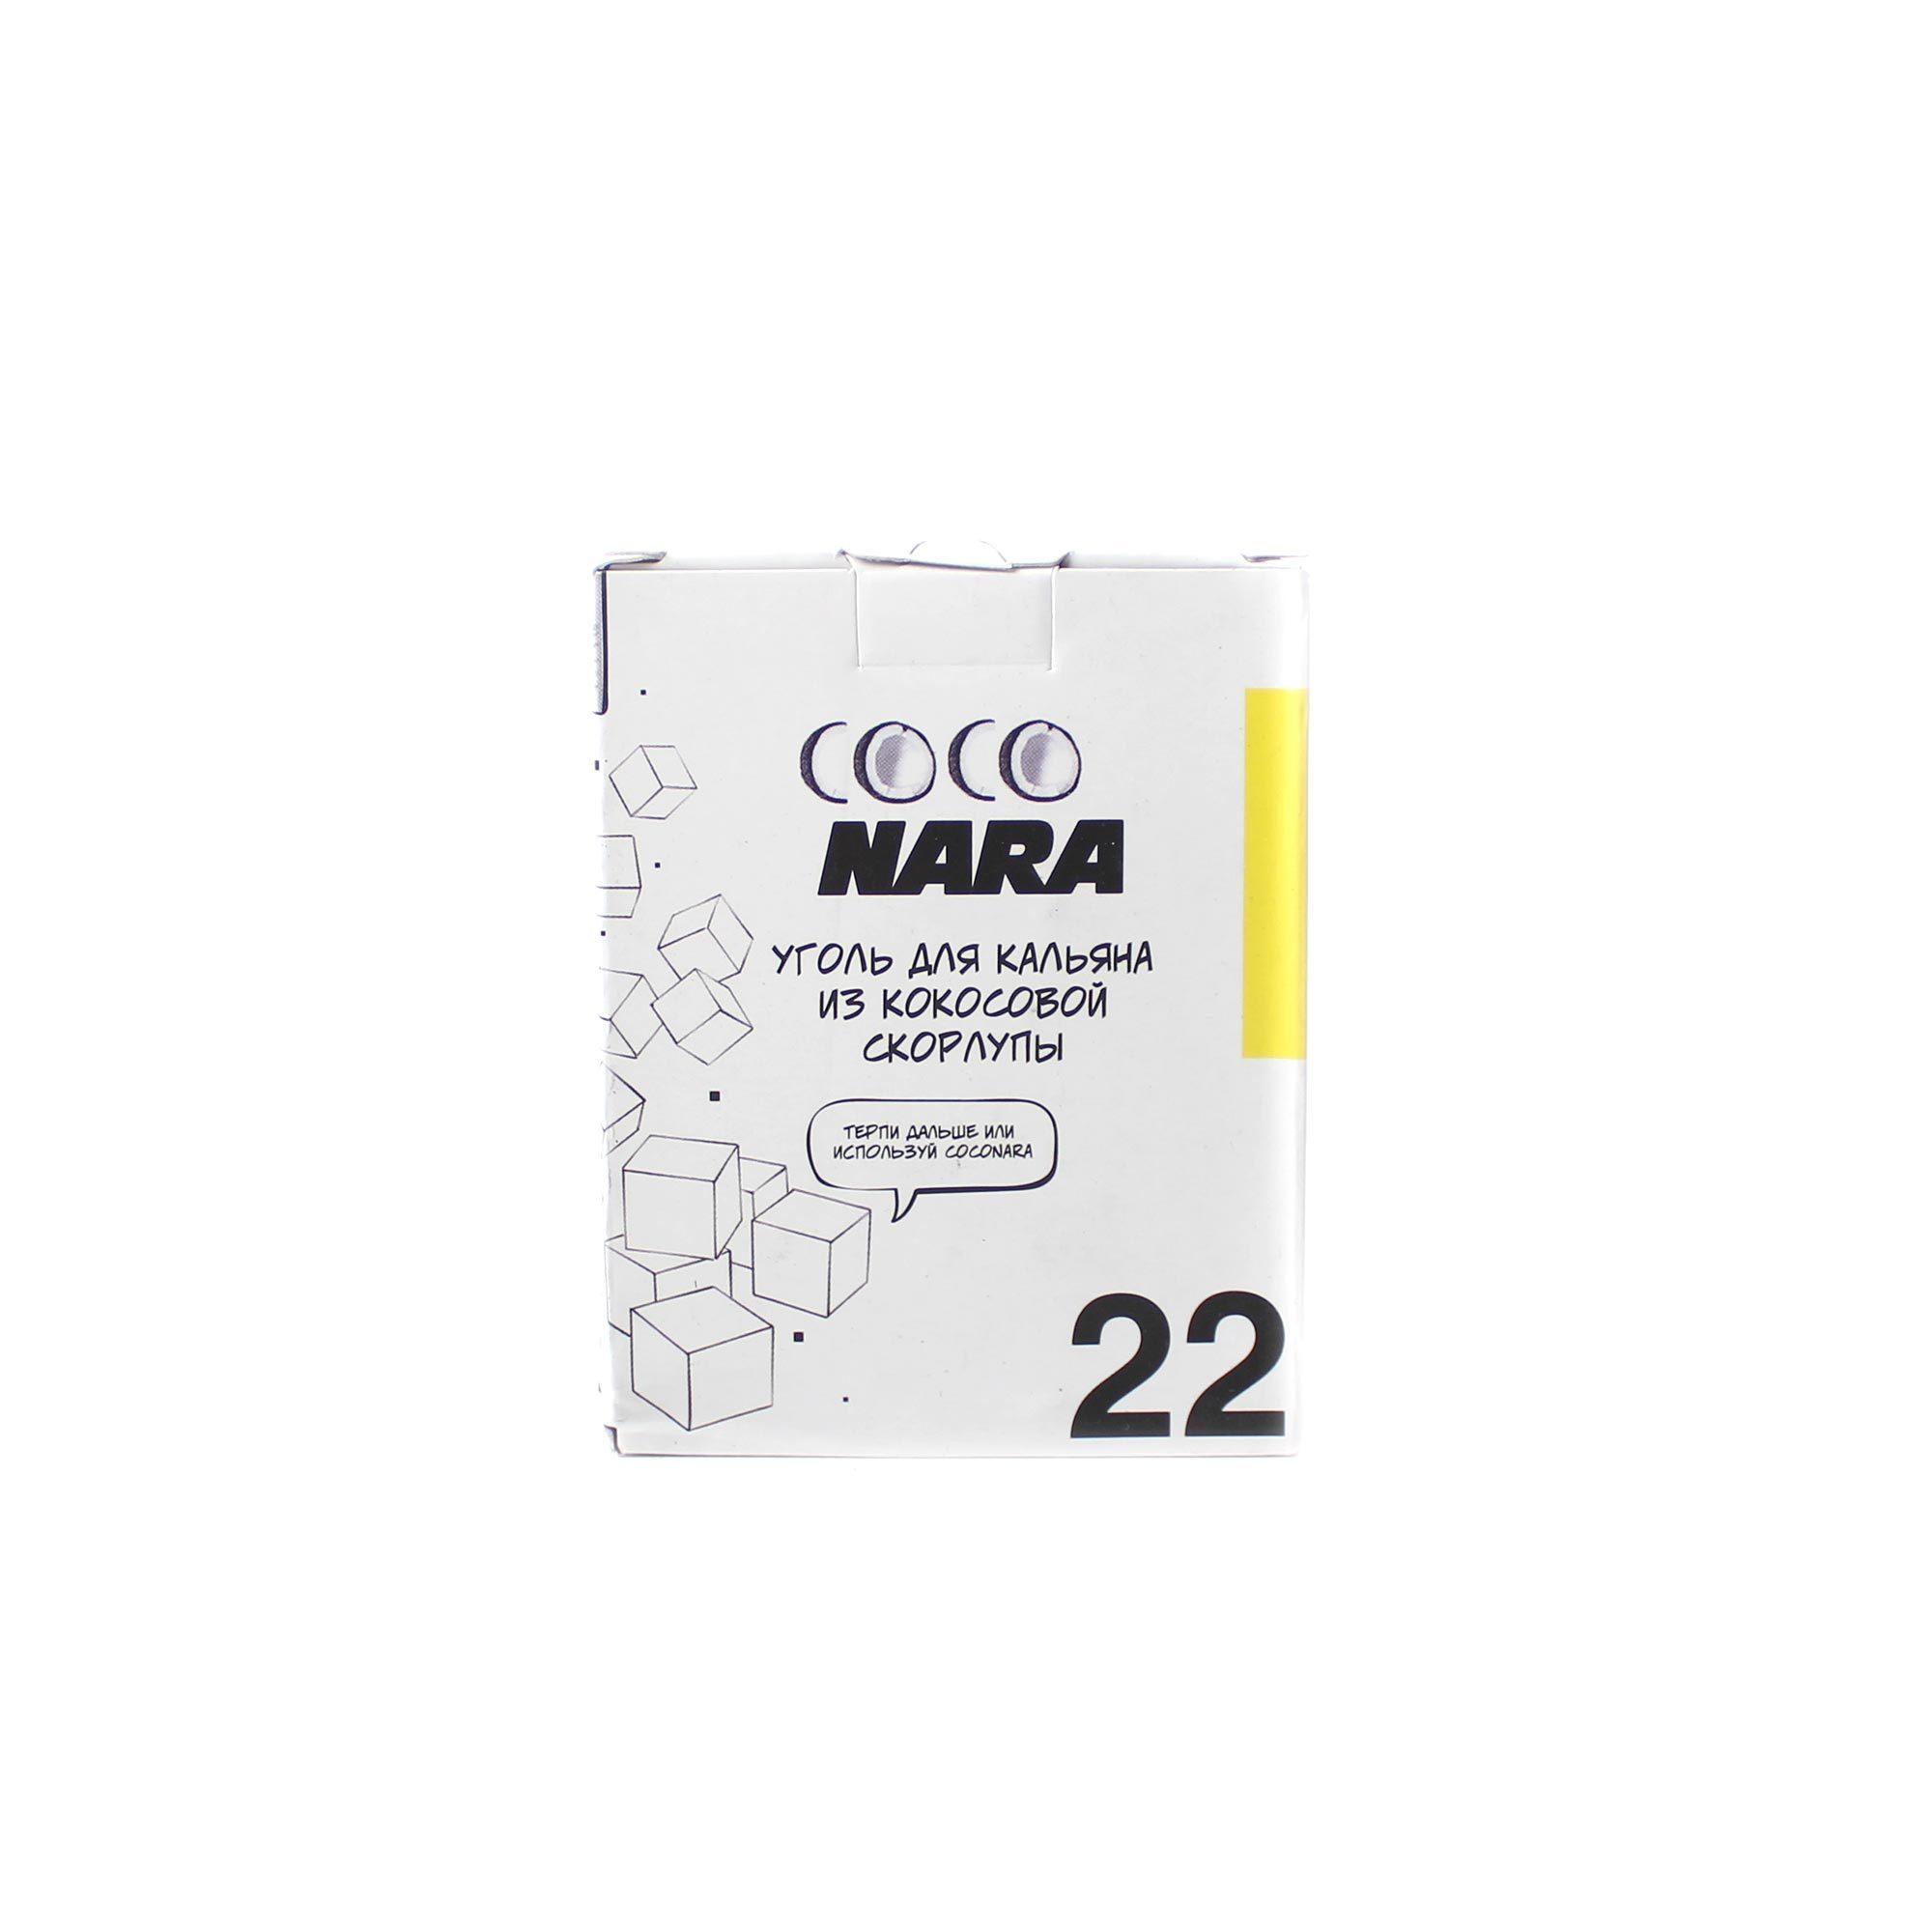 Уголь Coconara 22 кубик (24 штуки)